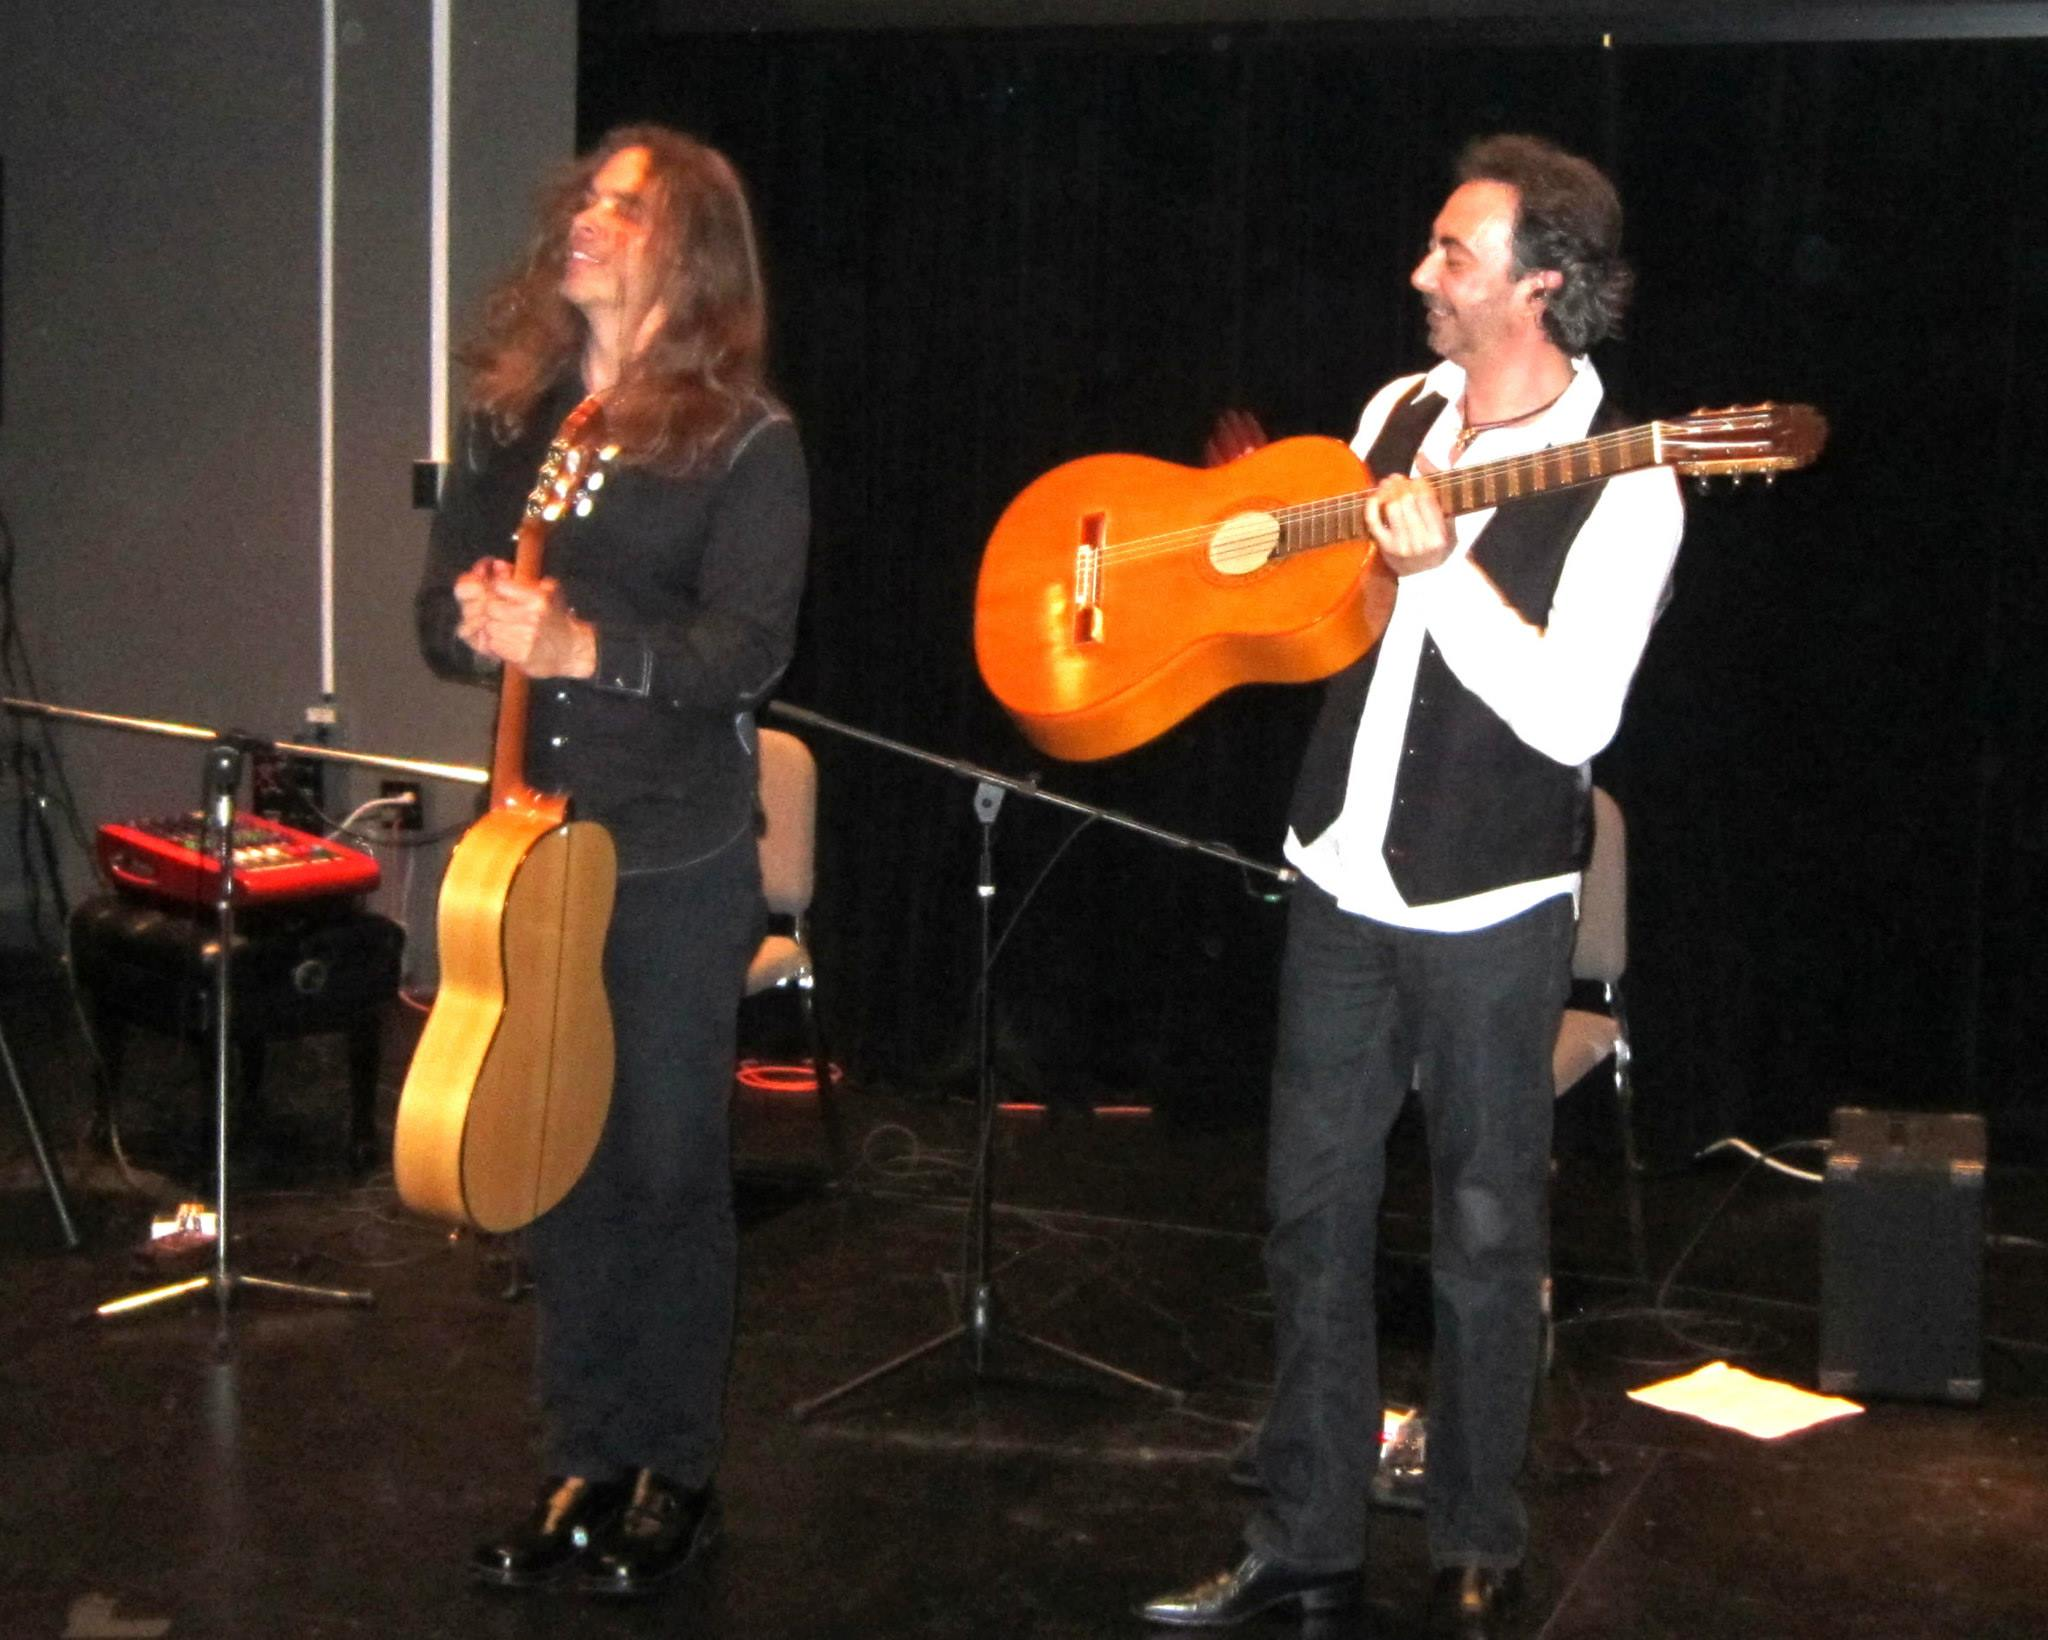 Corey Whitehead & Jose Antonio Rodriguez in concert